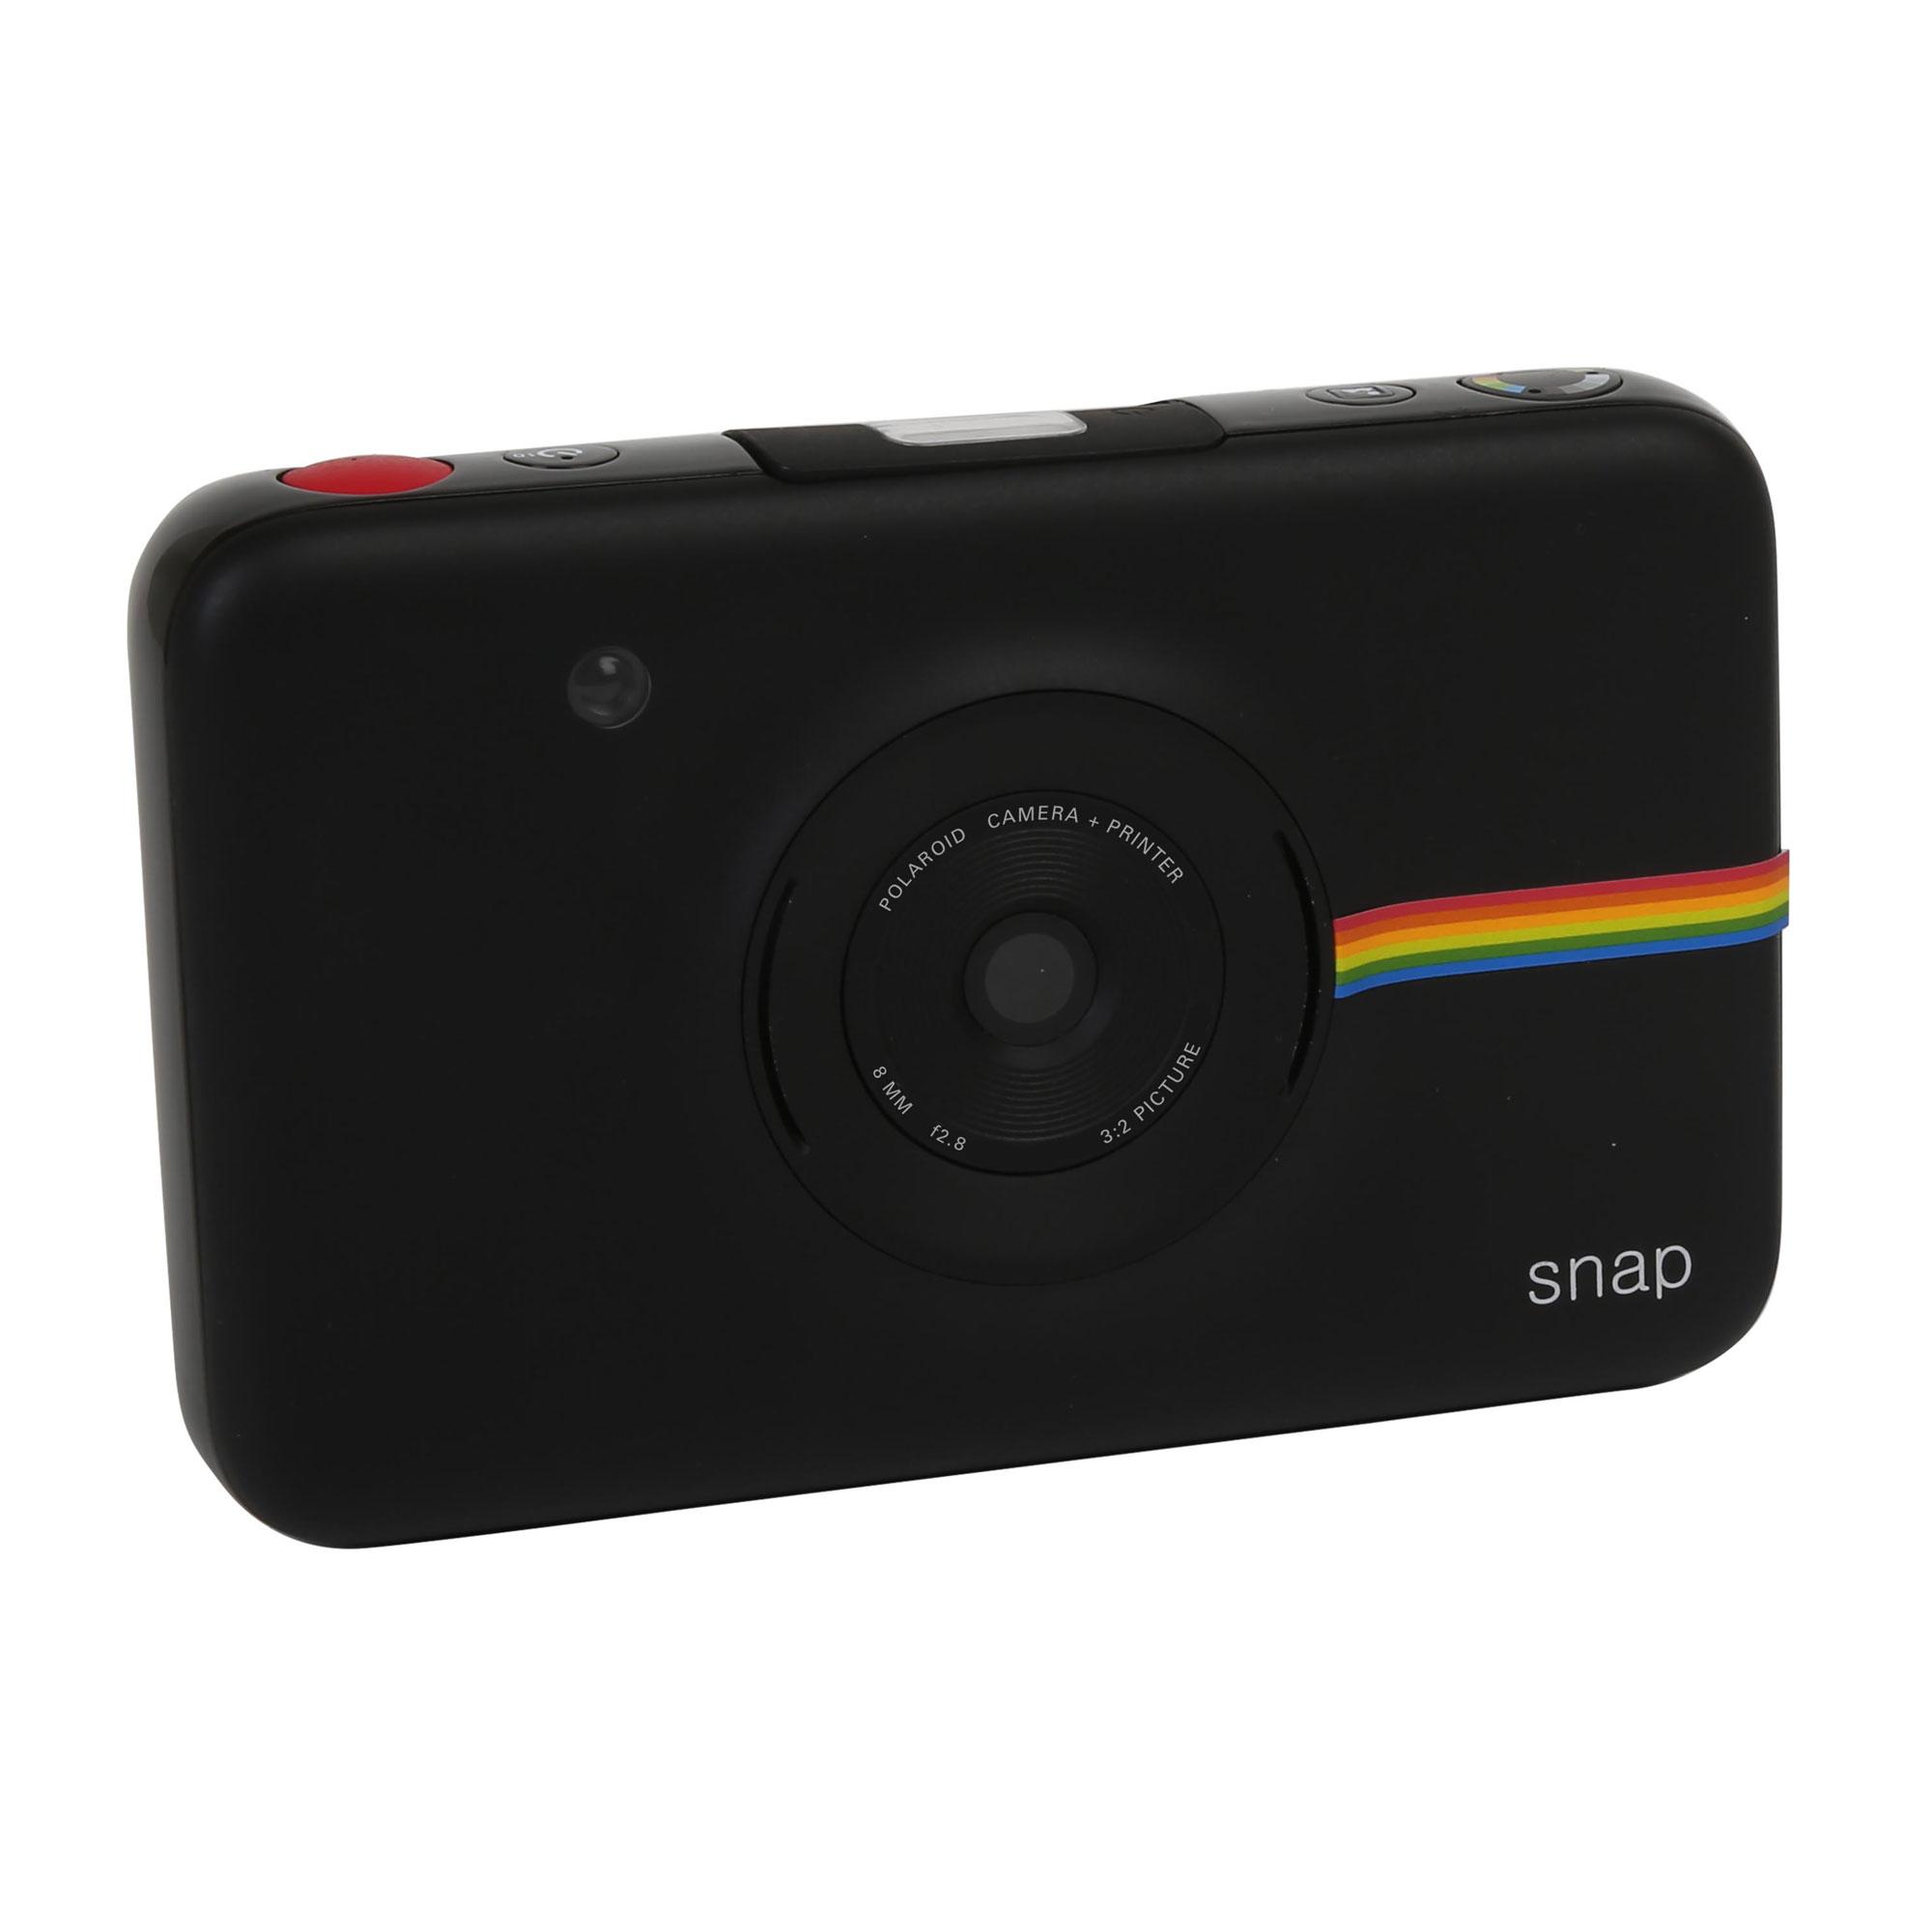 Snap Instant Digital Camera Black